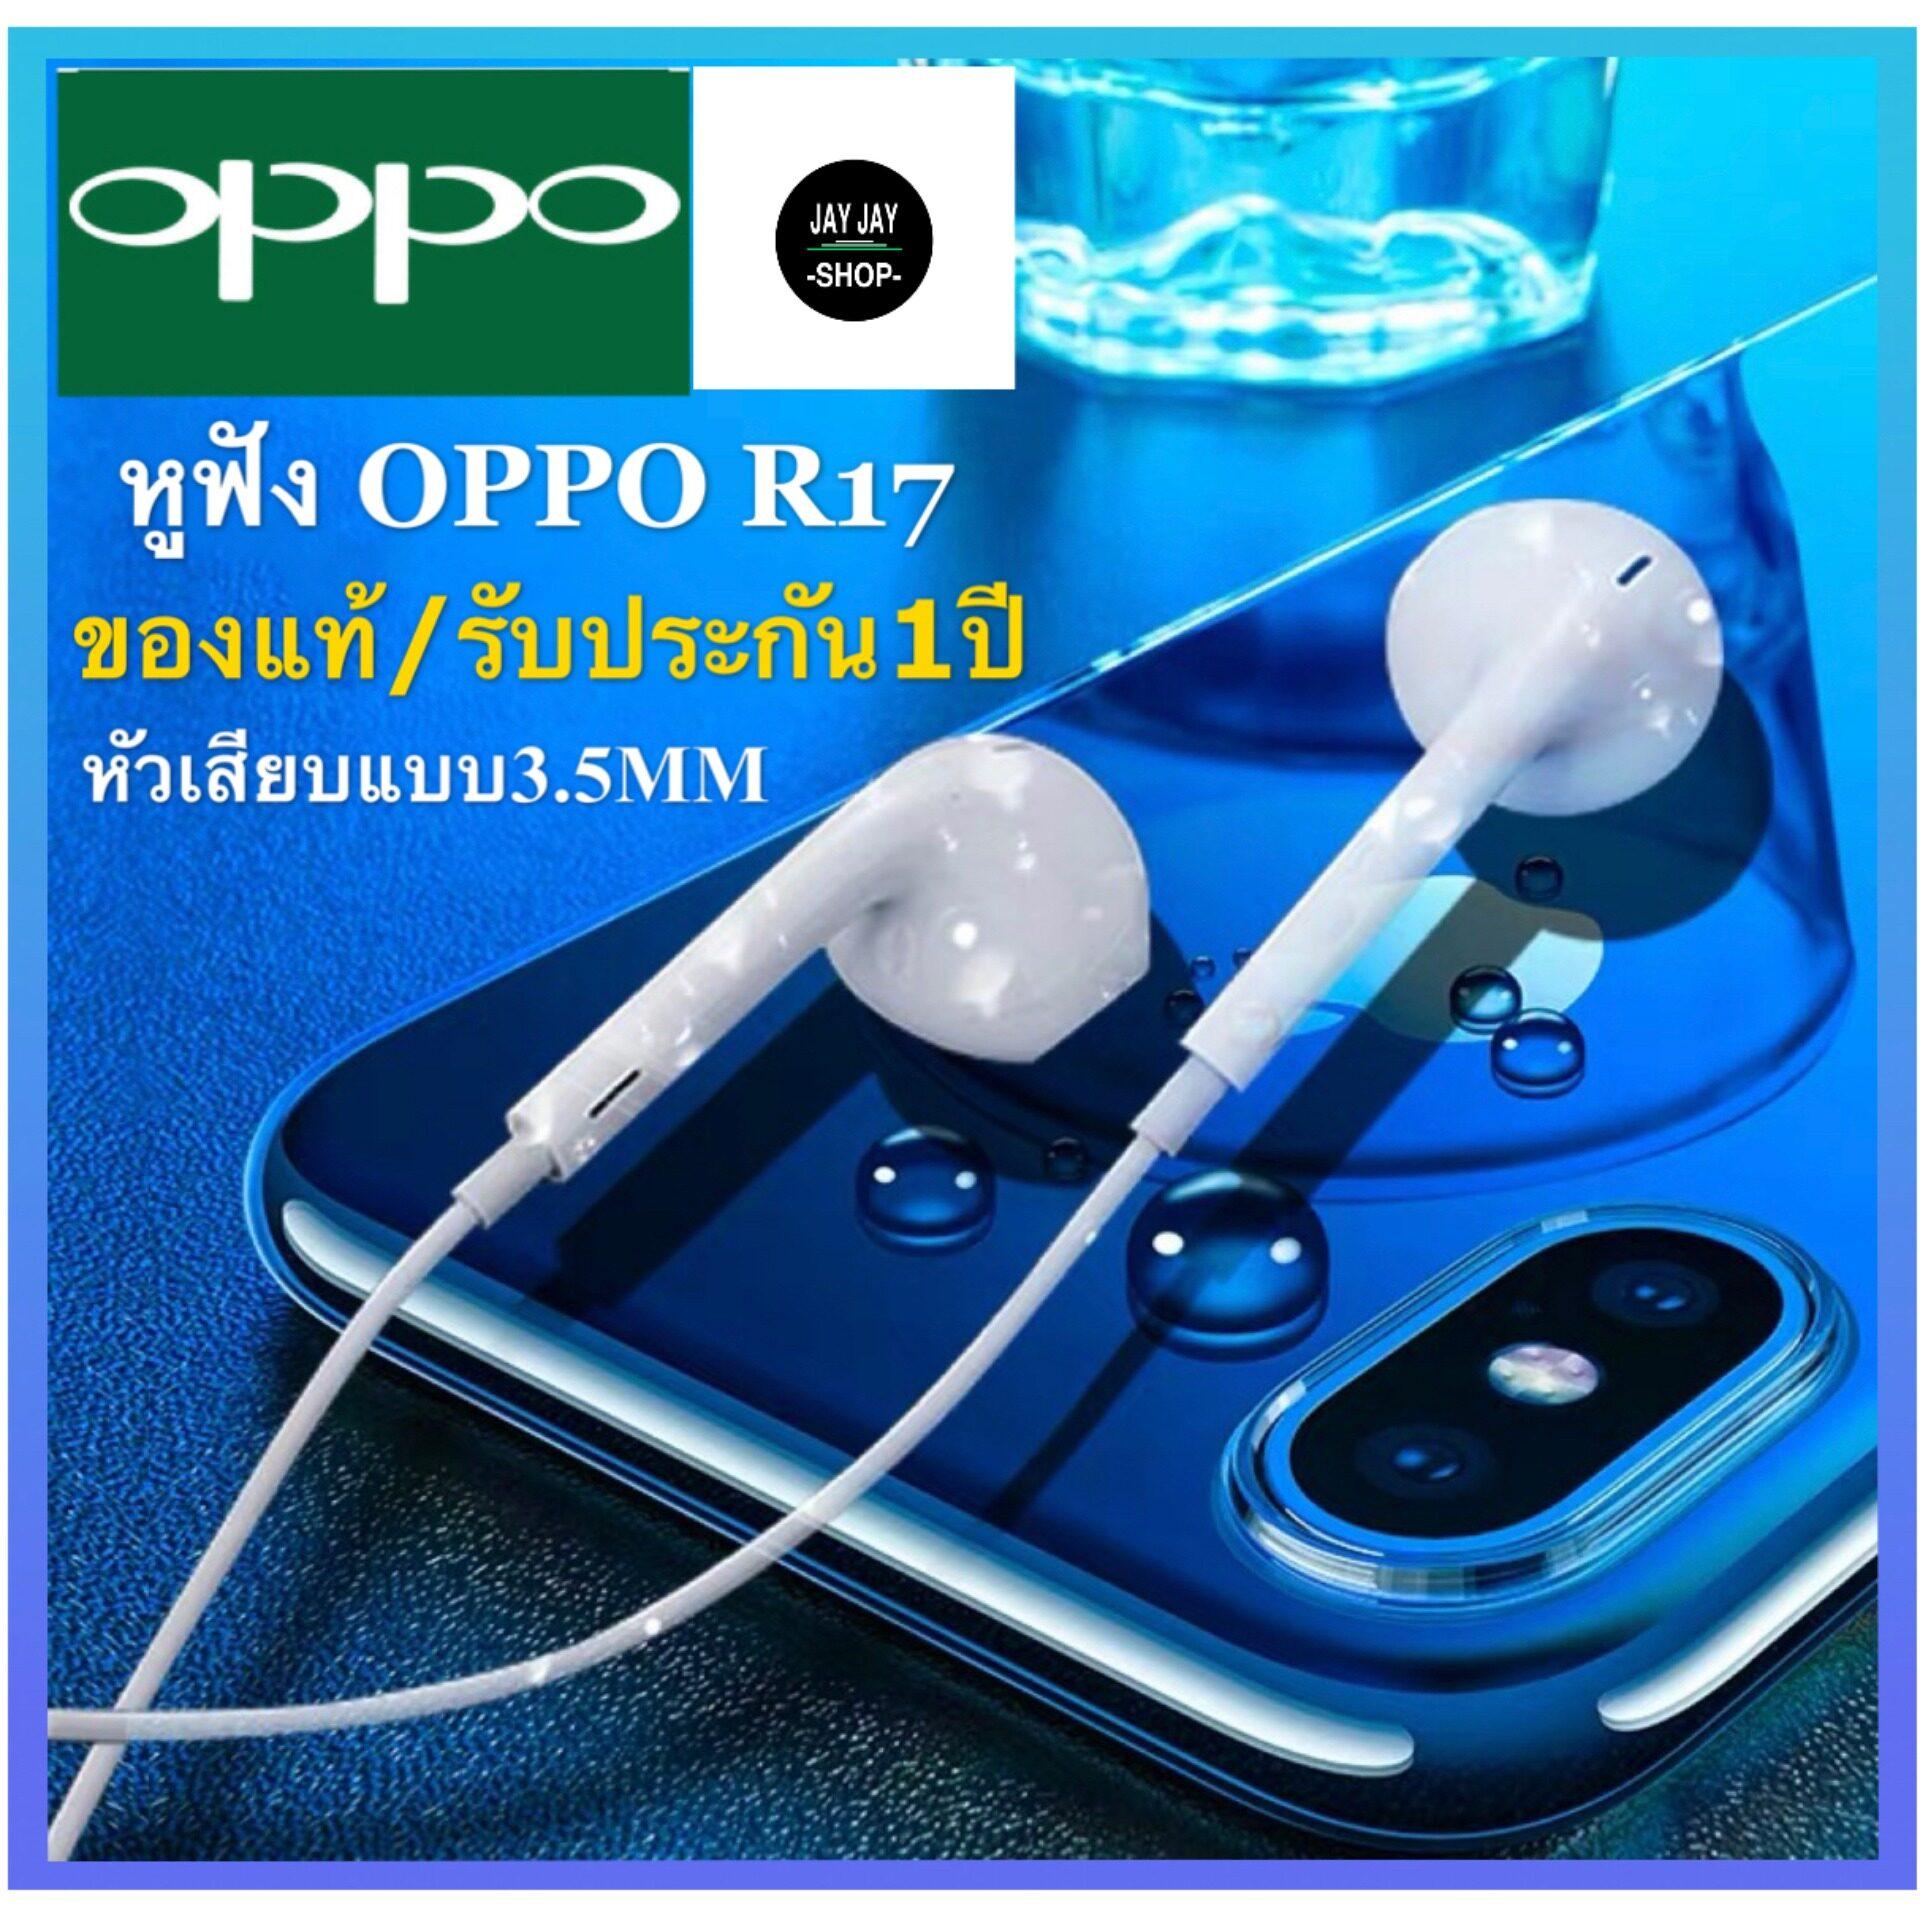 หูฟัง Oppo ของแท้ อินเอียร์ พร้อมแผงควบคุมอัจฉริยะ และไมโครโฟนในตัว ใช้กับช่องเสียบขนาด 3.5 Mm รองรับ R17/r15/r9/r11/a57/a77 เสียงใส เบสแบบจัดเต็ม รับประกัน 1 ปี เข้ากันได้กับโทรศัพท์รุ่นอื่น.